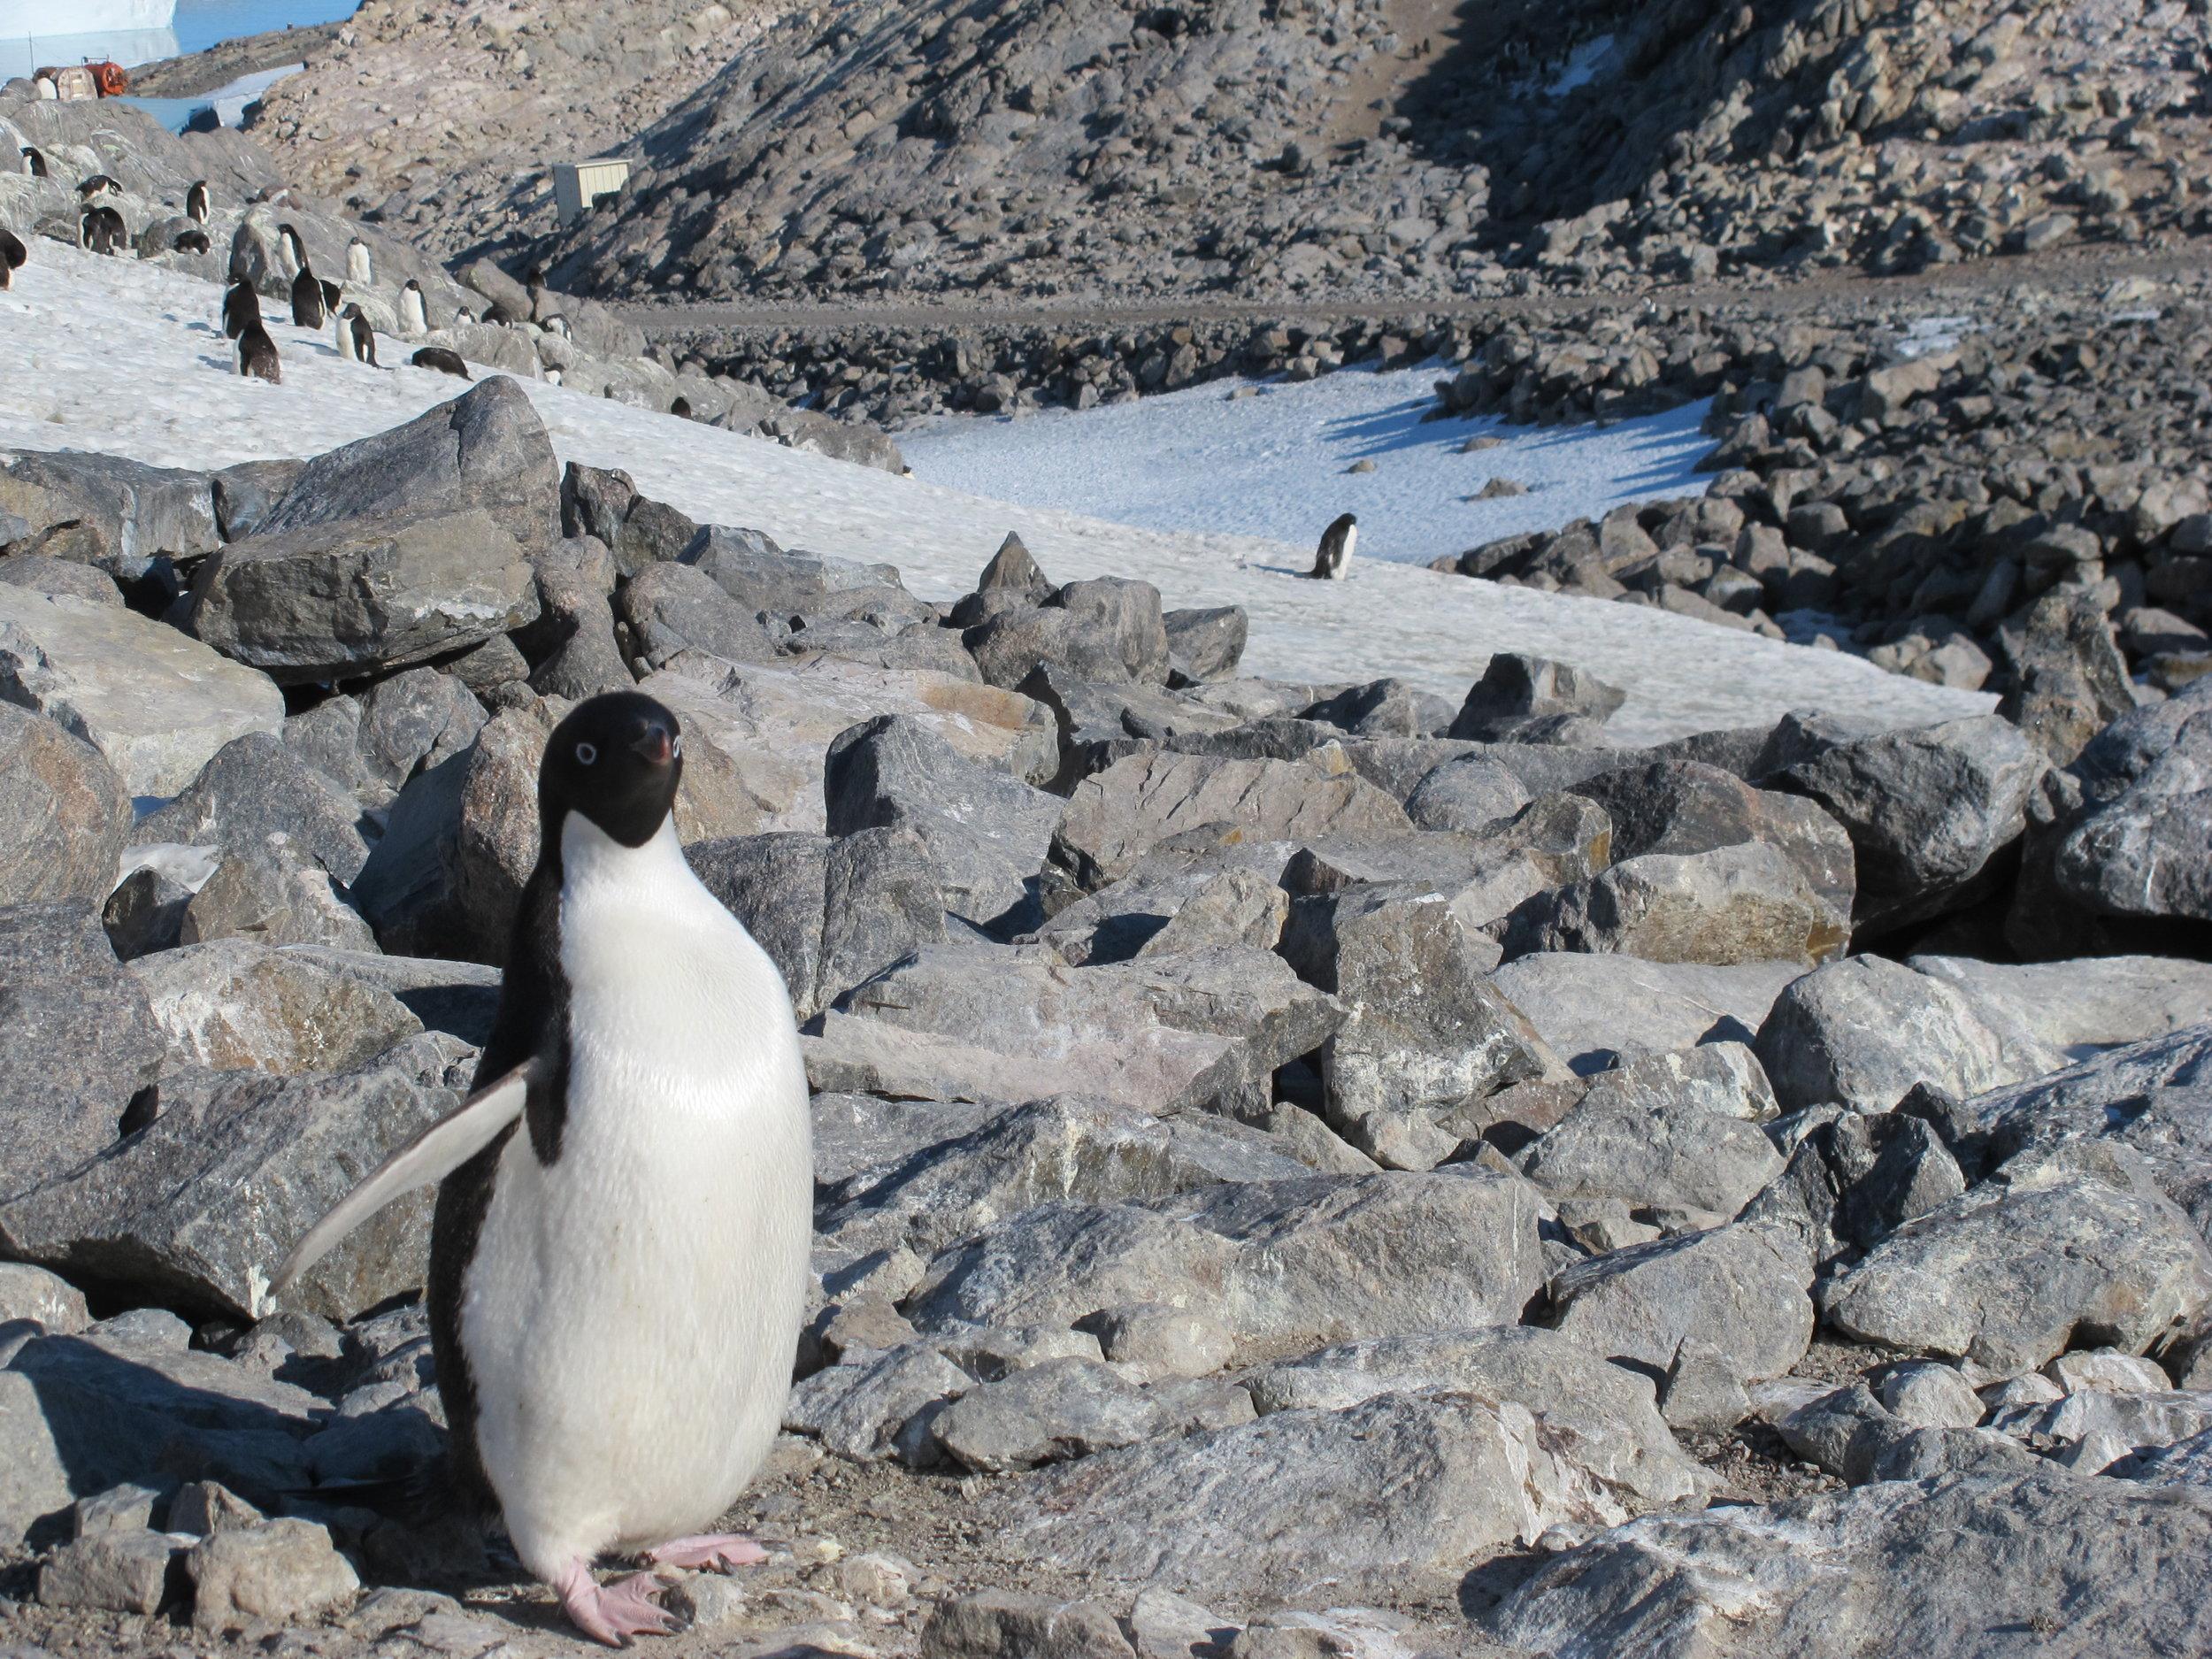 IMG_0911 - Penguin - Chrissie.jpg